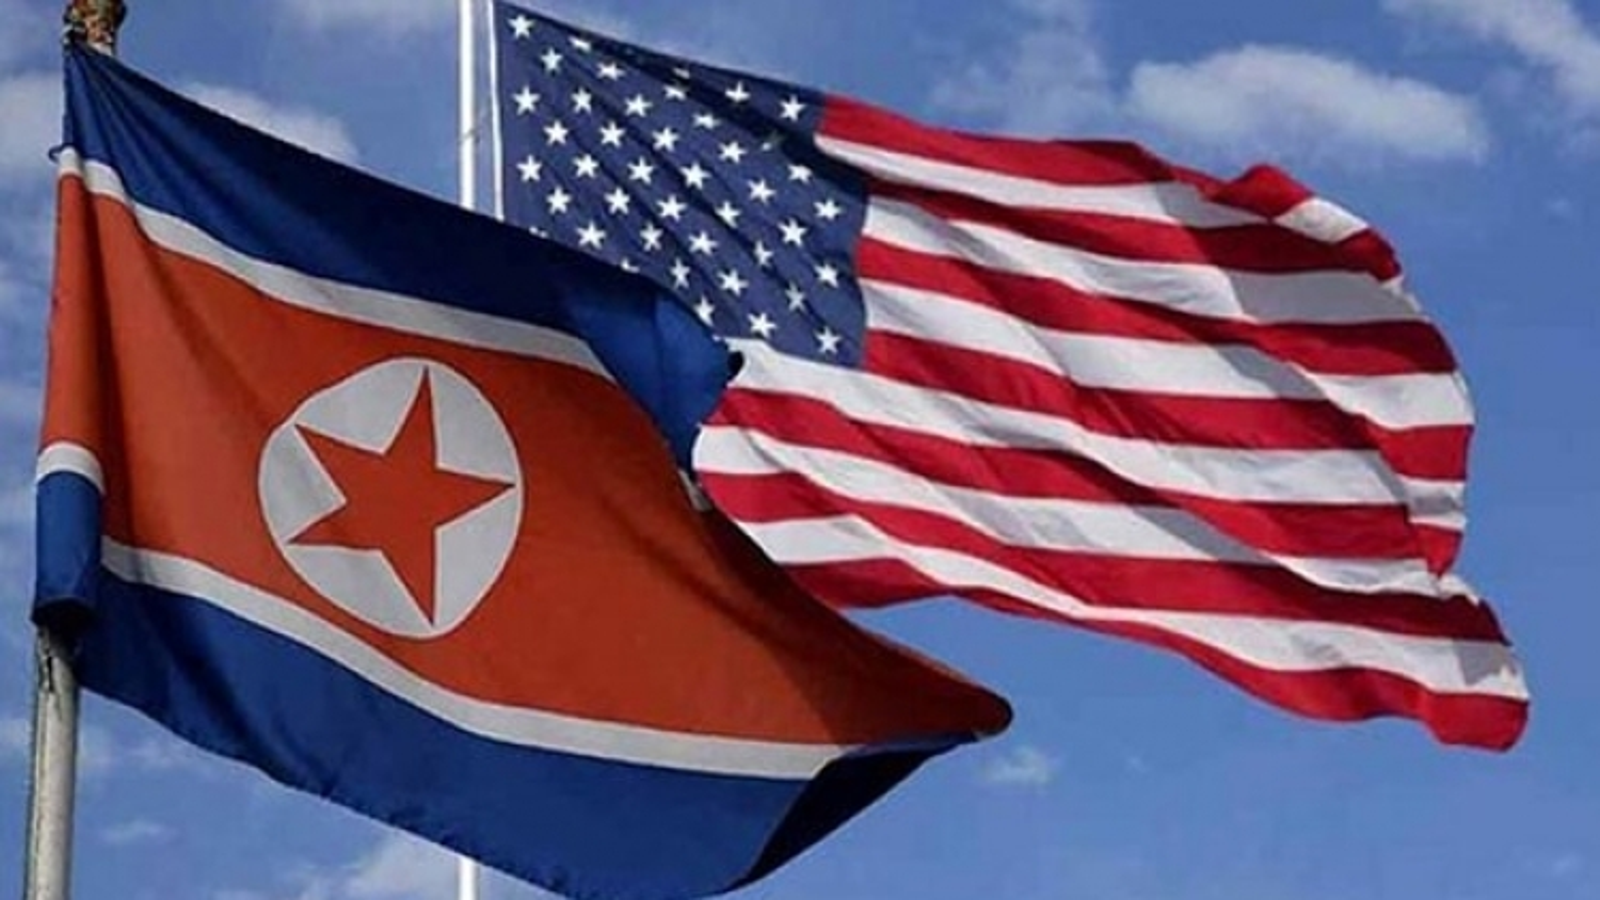 Mỹ tuyên bố sẵn sàng đối thoại với Triều Tiên bất cứ khi nào và bất cứ nơi đâu